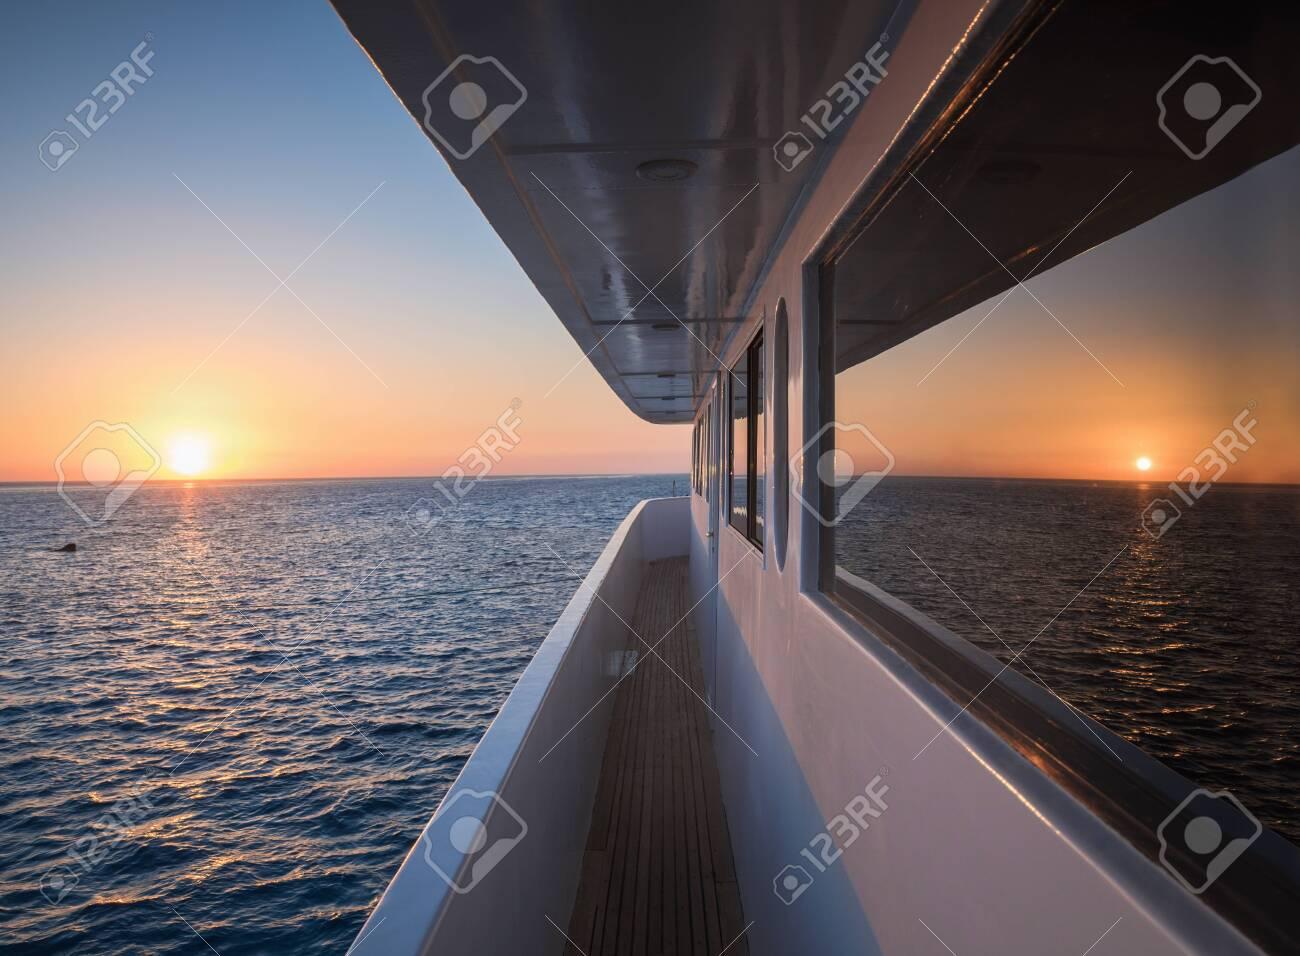 Corridor of luxury yacht - 128704424